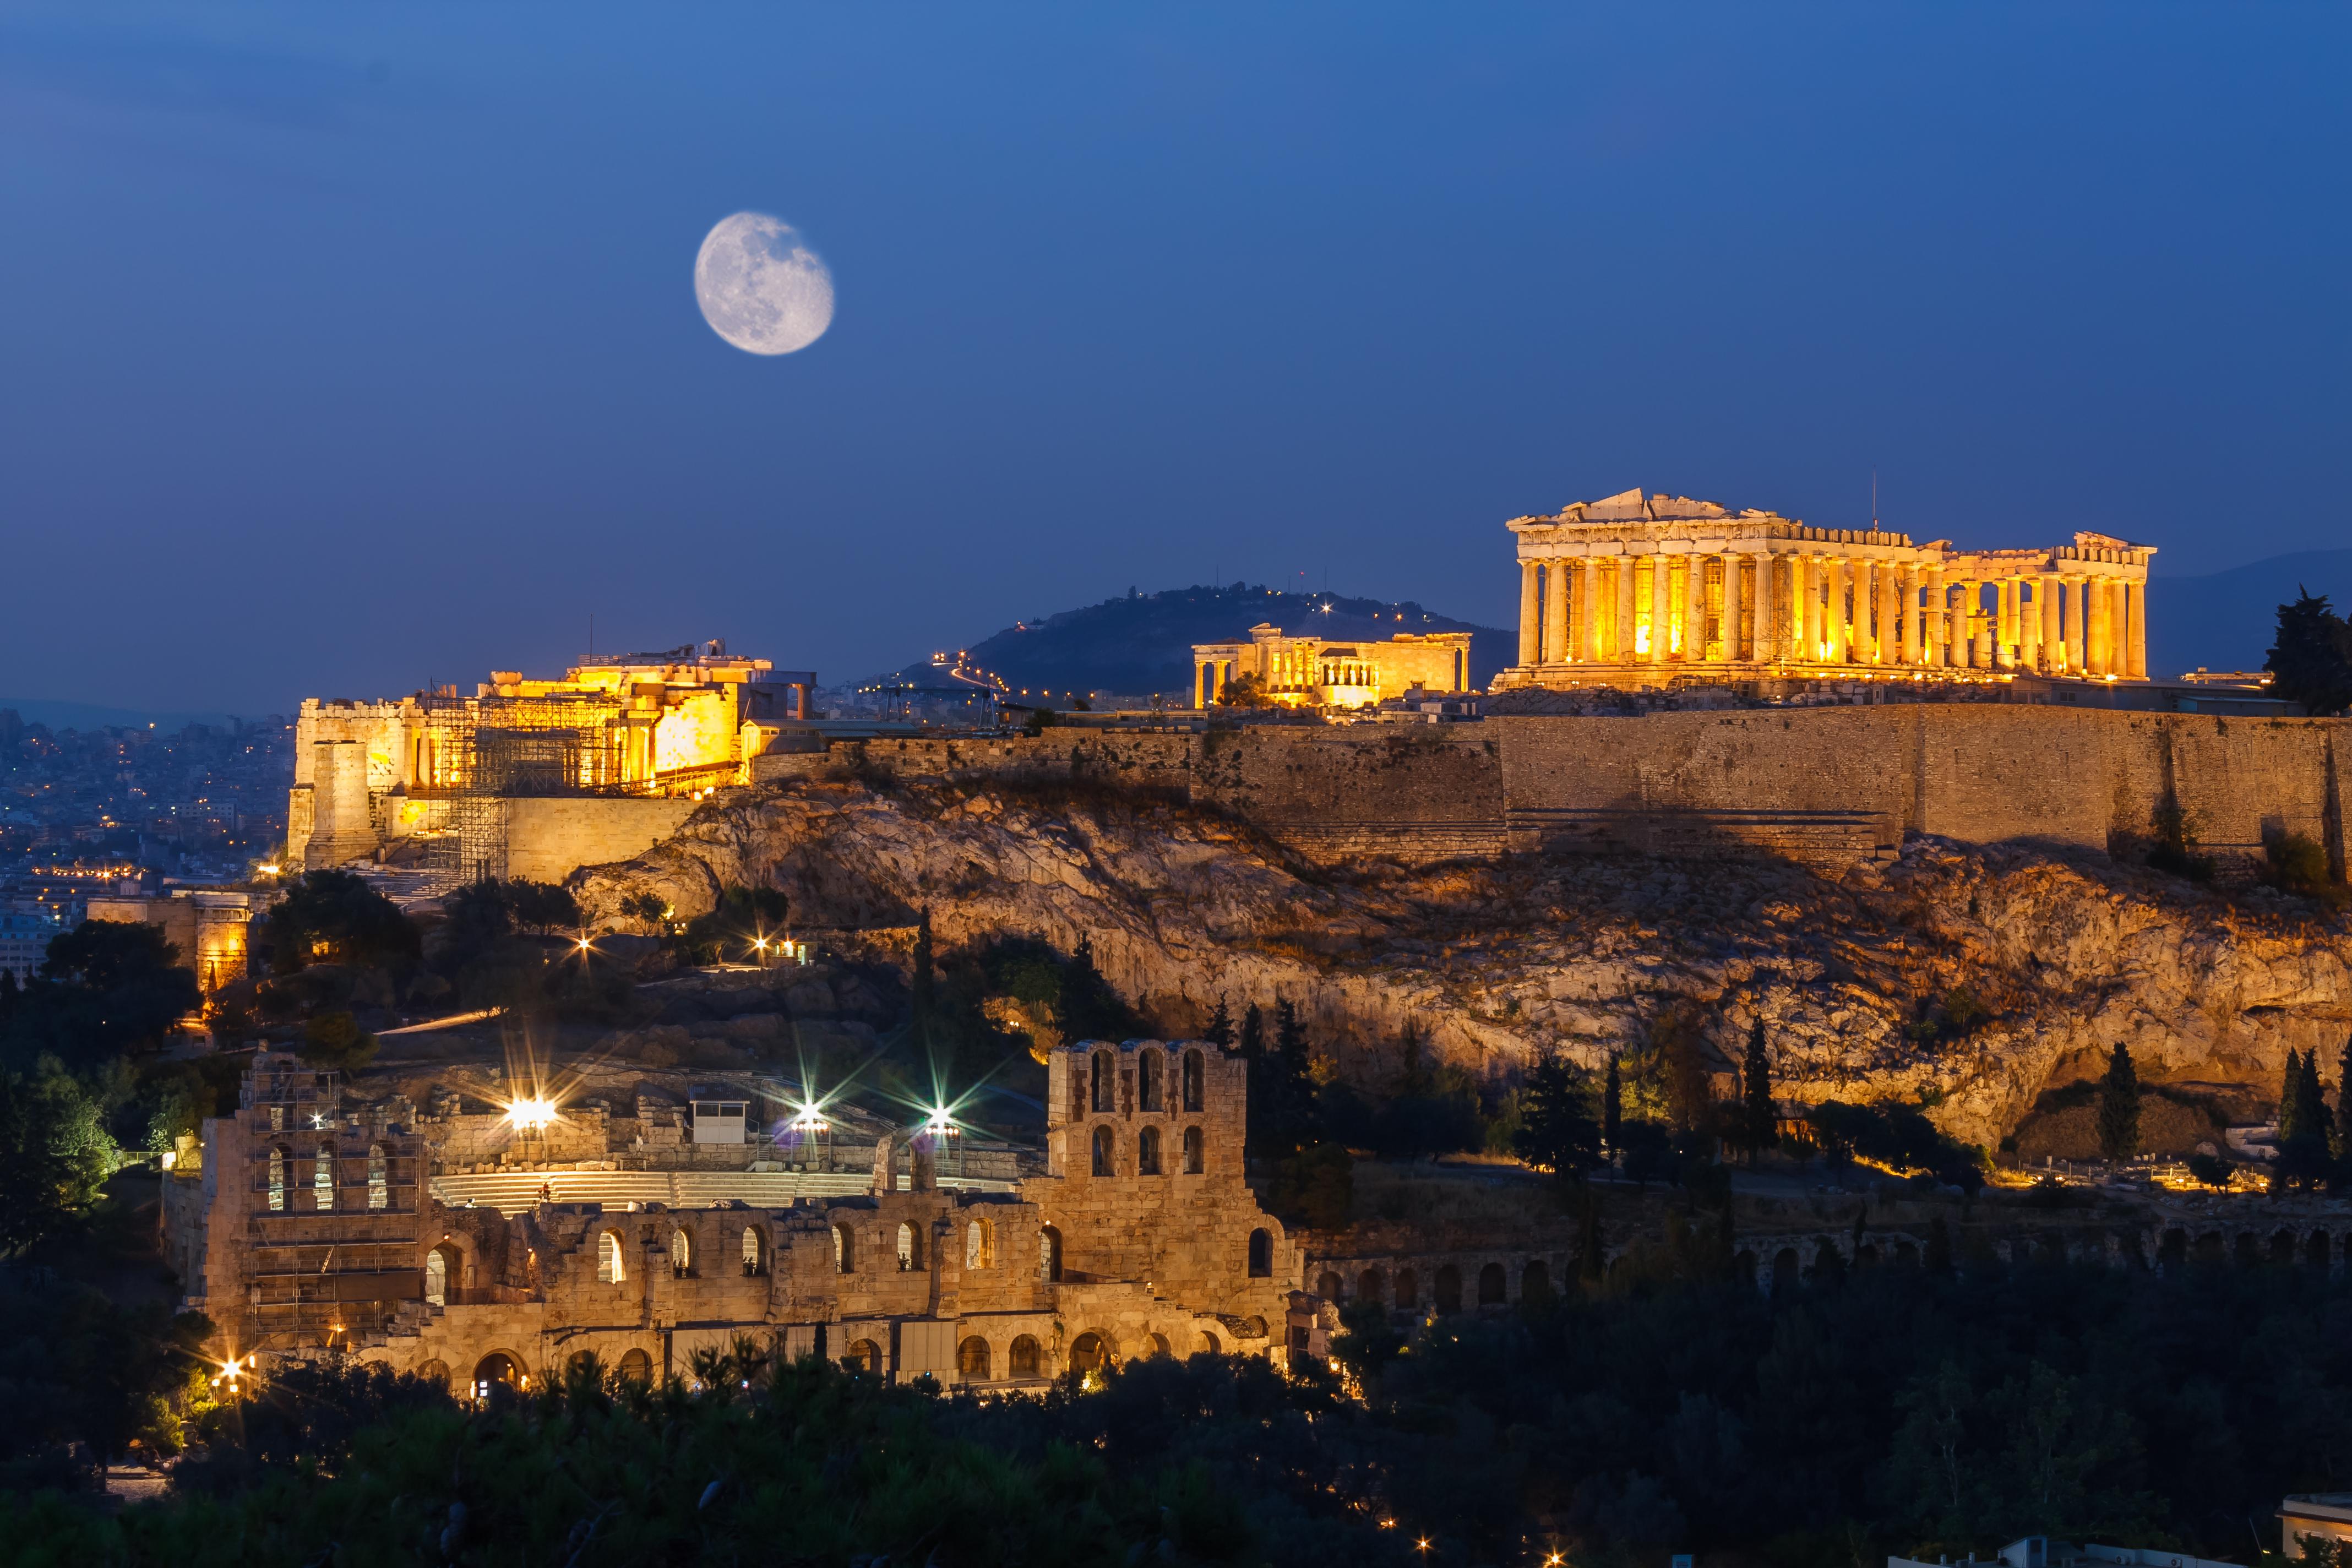 П'ятизіркові Афіни. Перетворення центру столиці